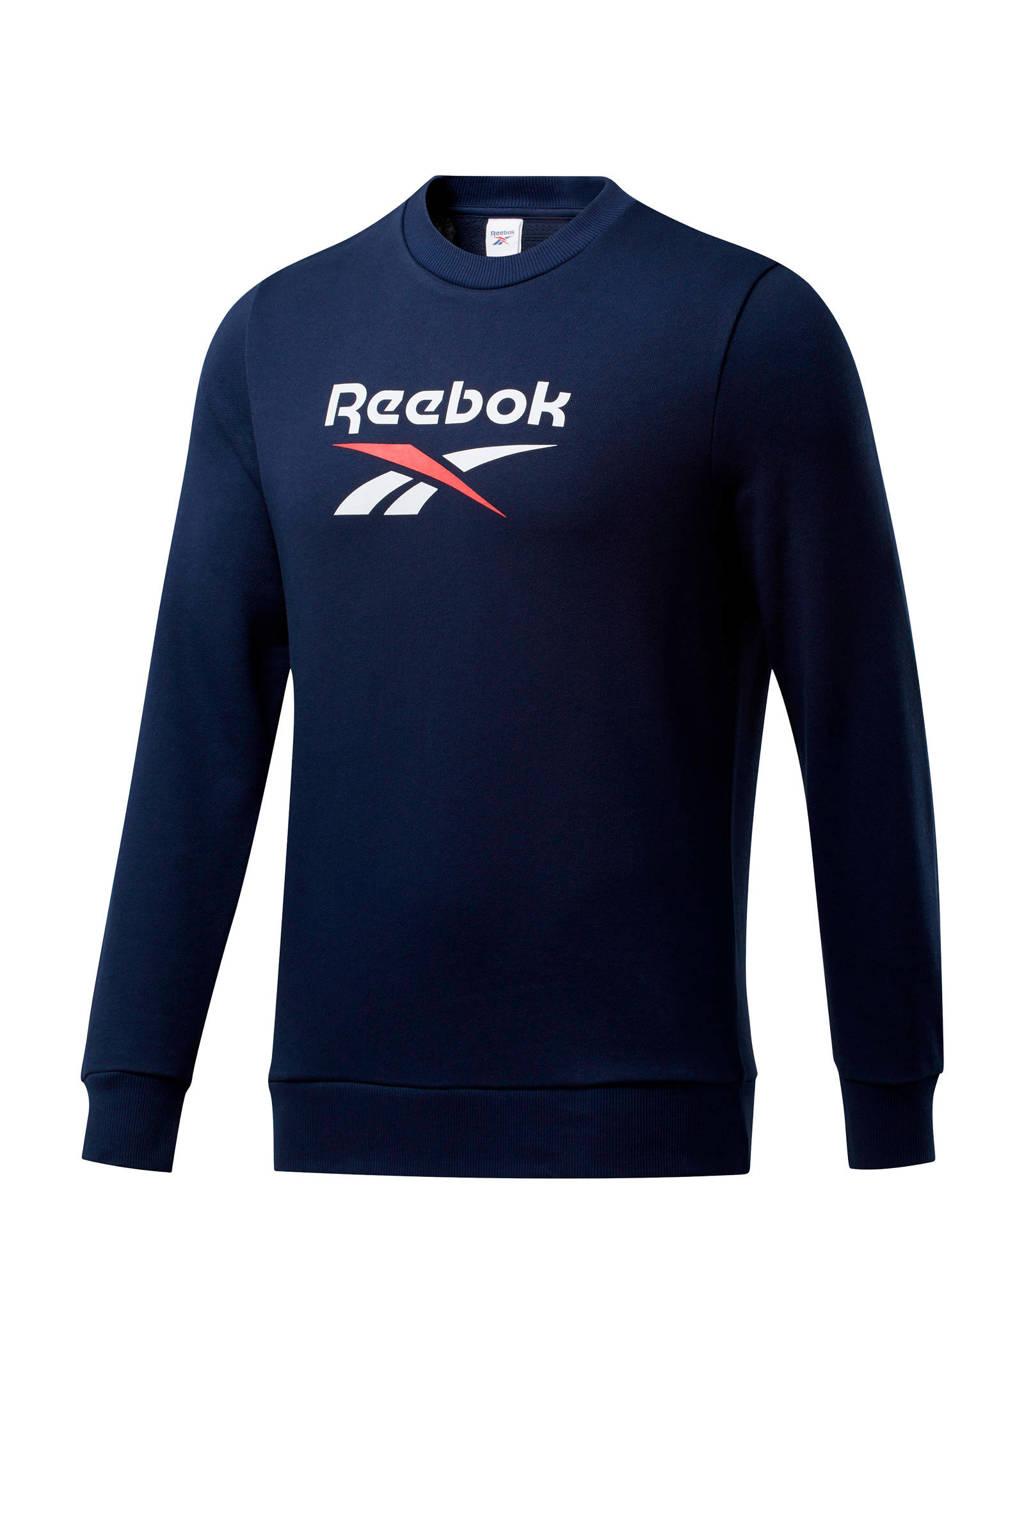 Reebok Classics sweater donkerblauw, Donkerblauw